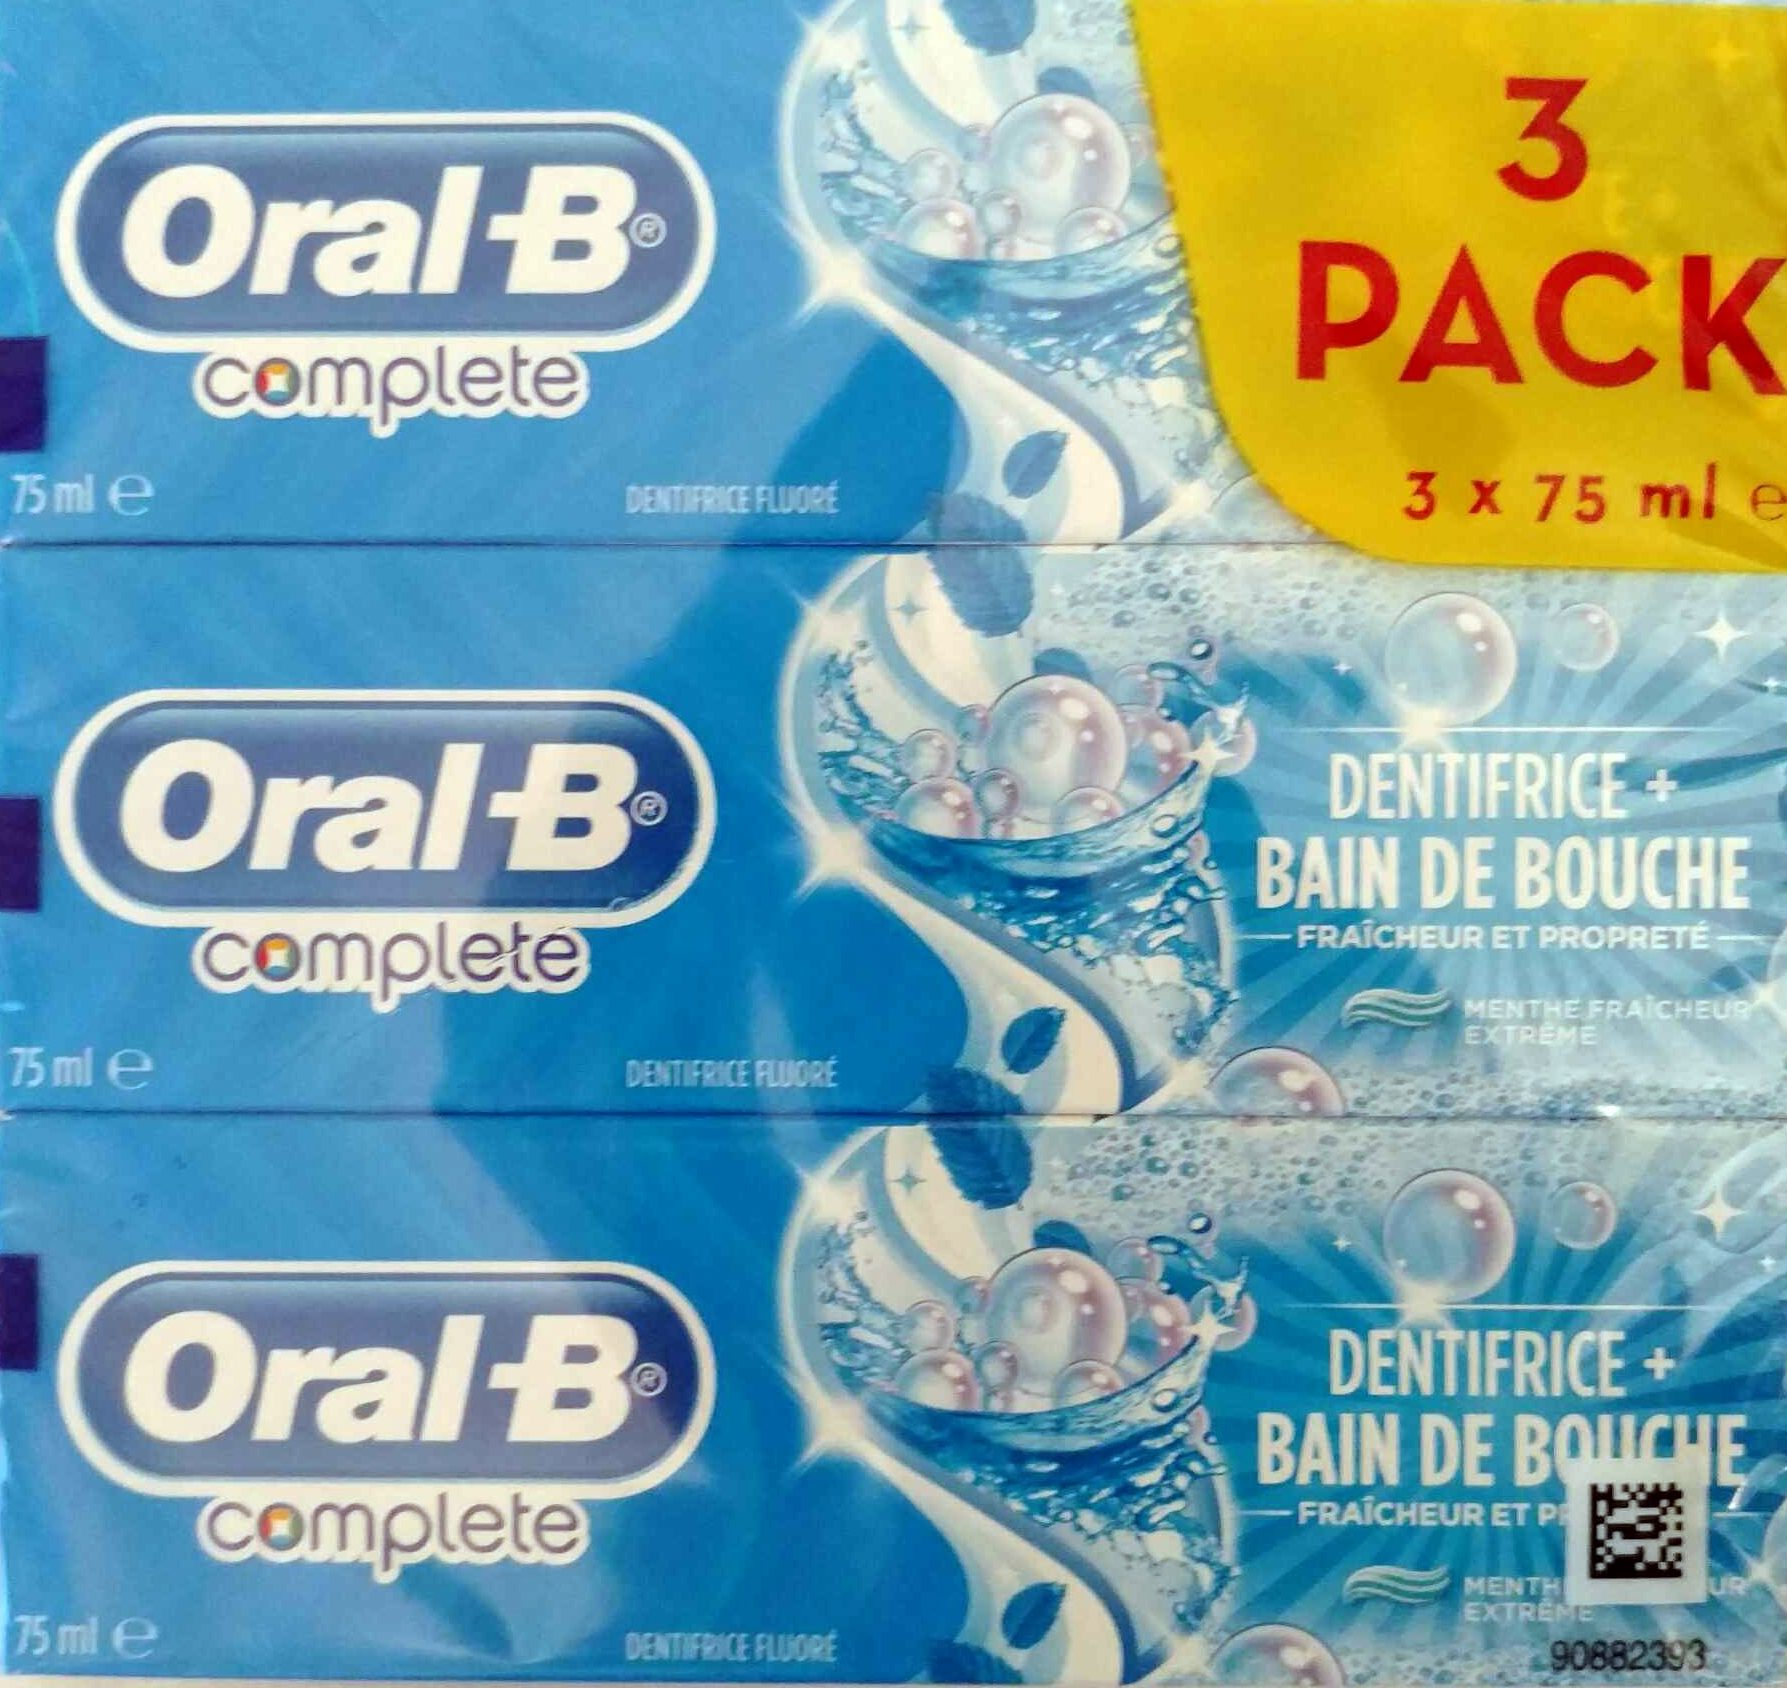 Complete dentifrice + bain de bouche (3 Pack) - Produit